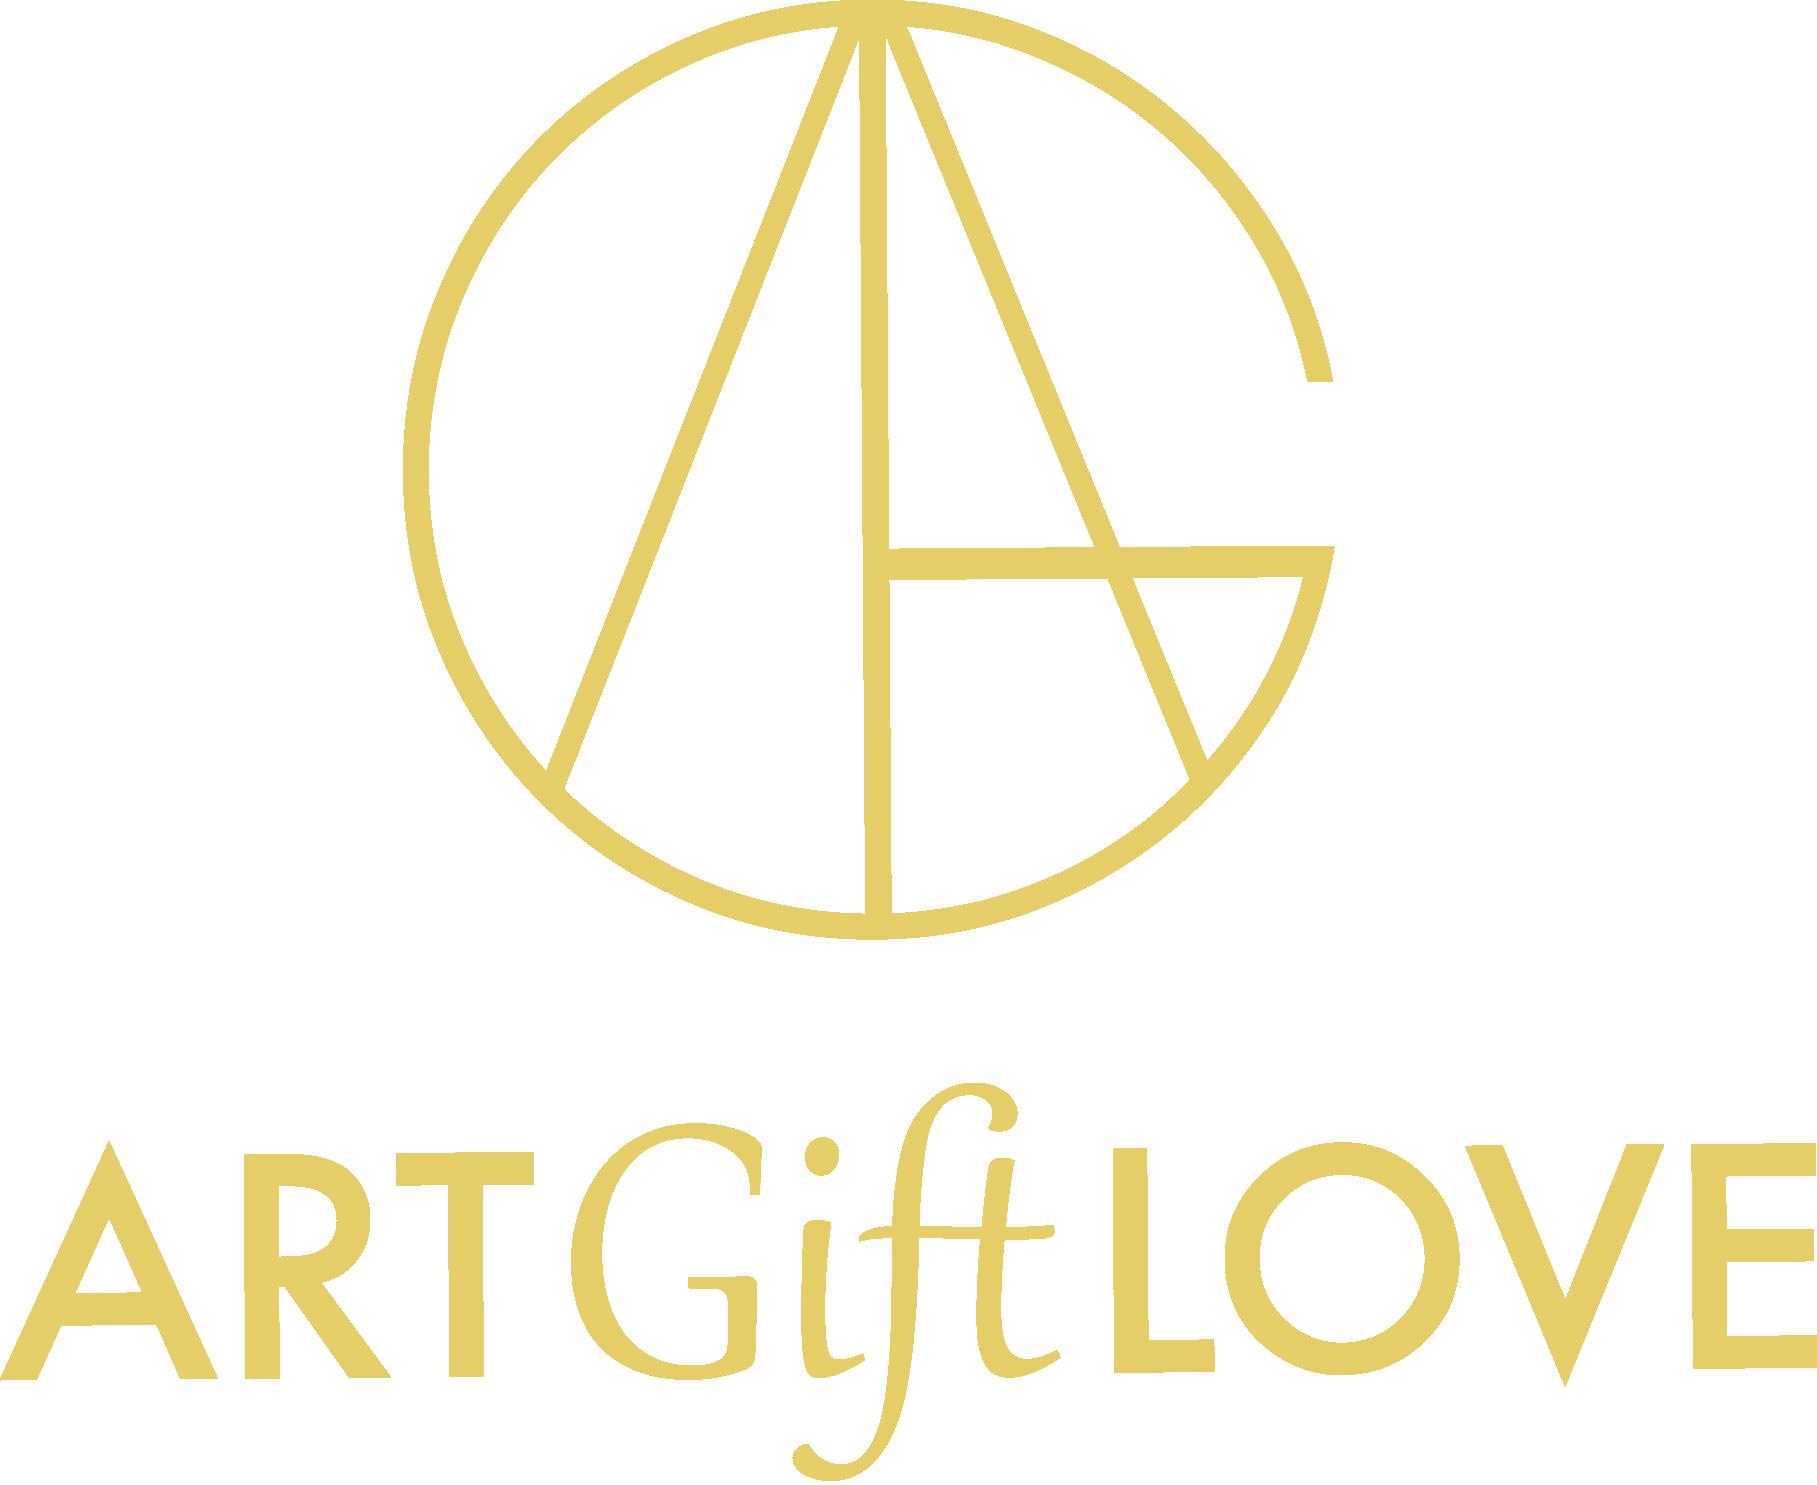 ArtGiftLove